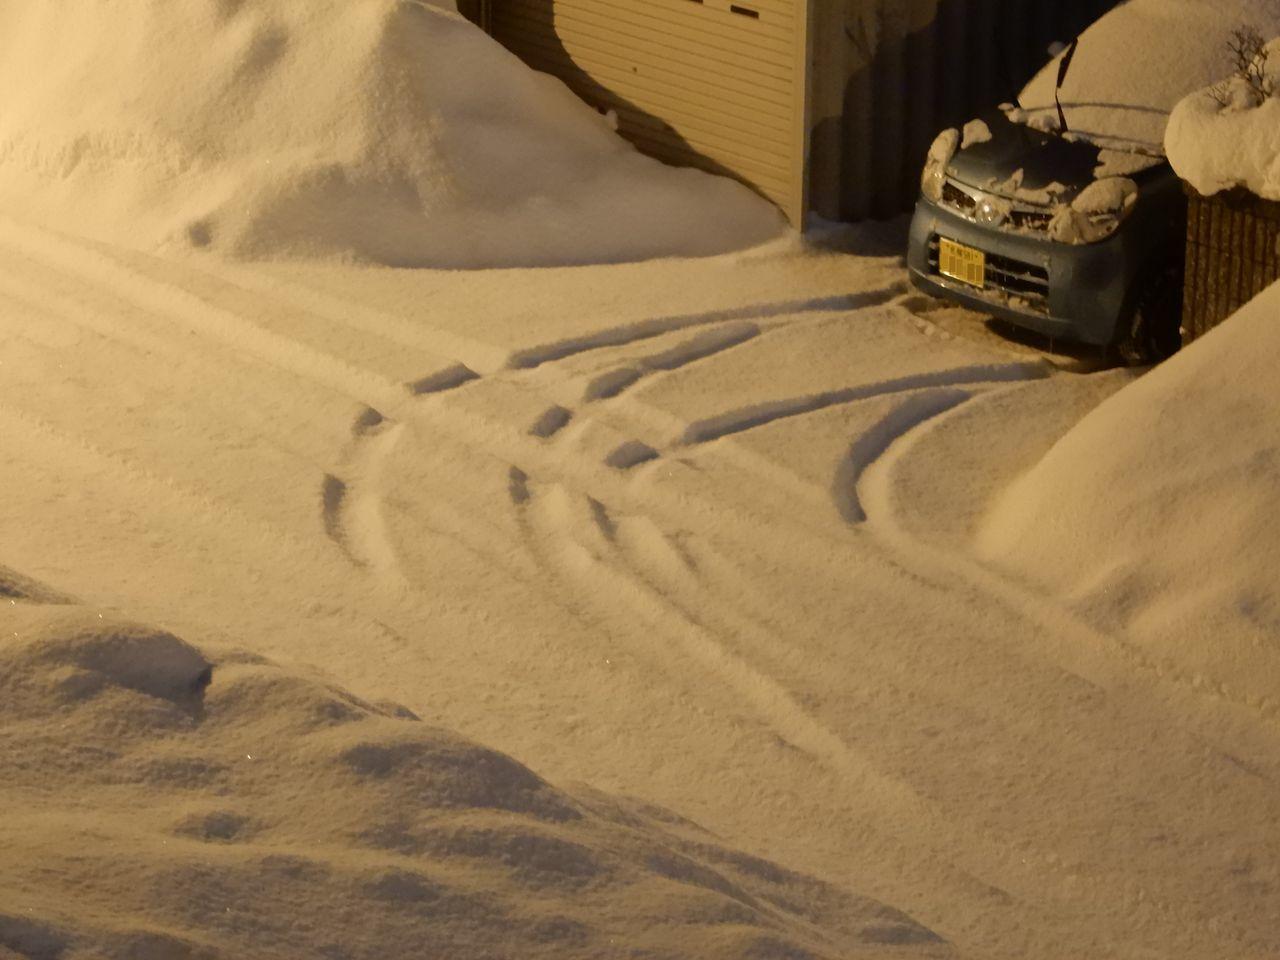 この冬の底は抜けたようですが_c0025115_22210685.jpg